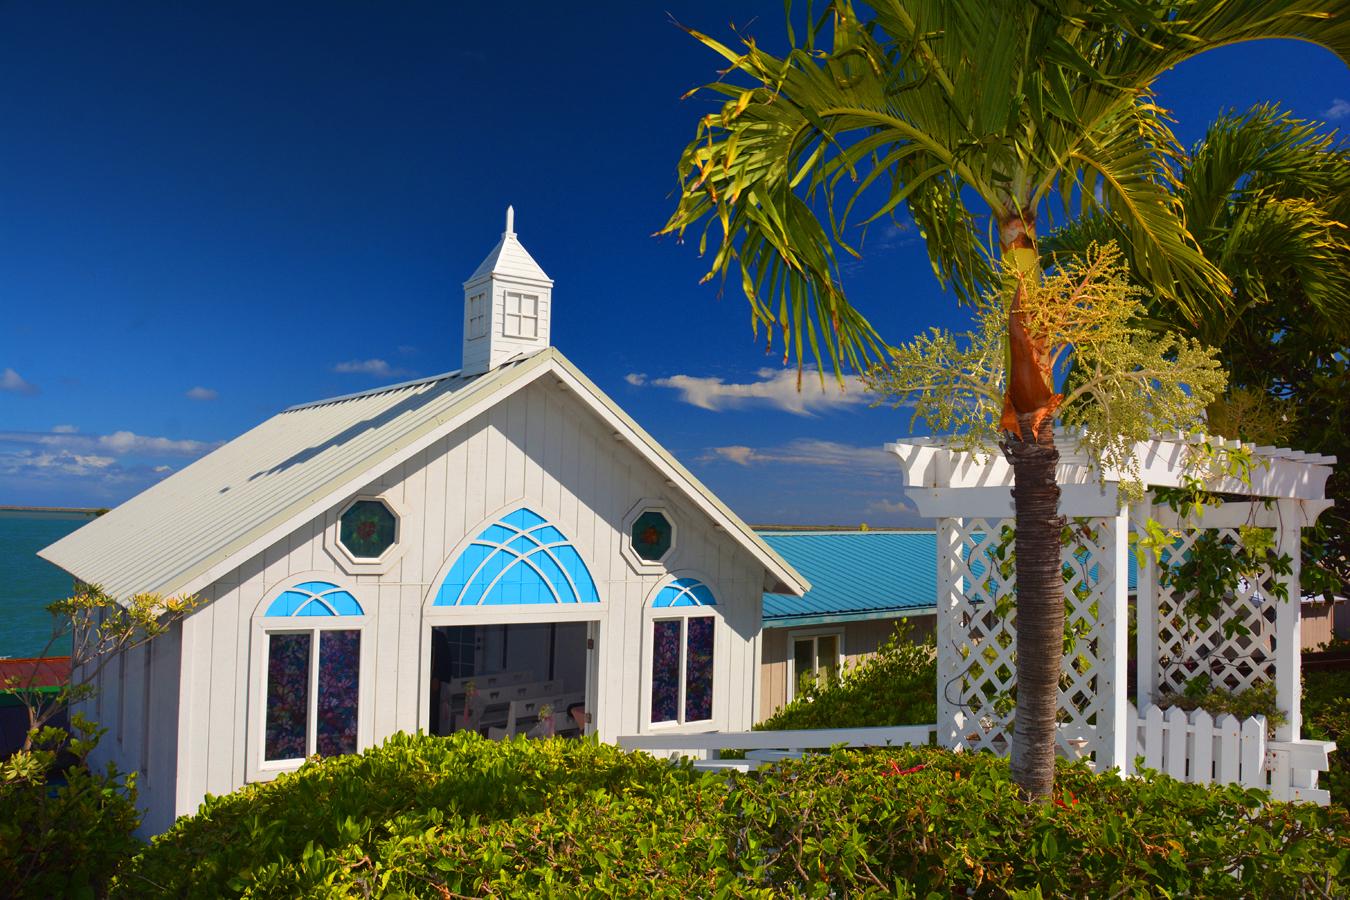 Hawaii Wedding Chapel: Princess Lagoon Wedding Package